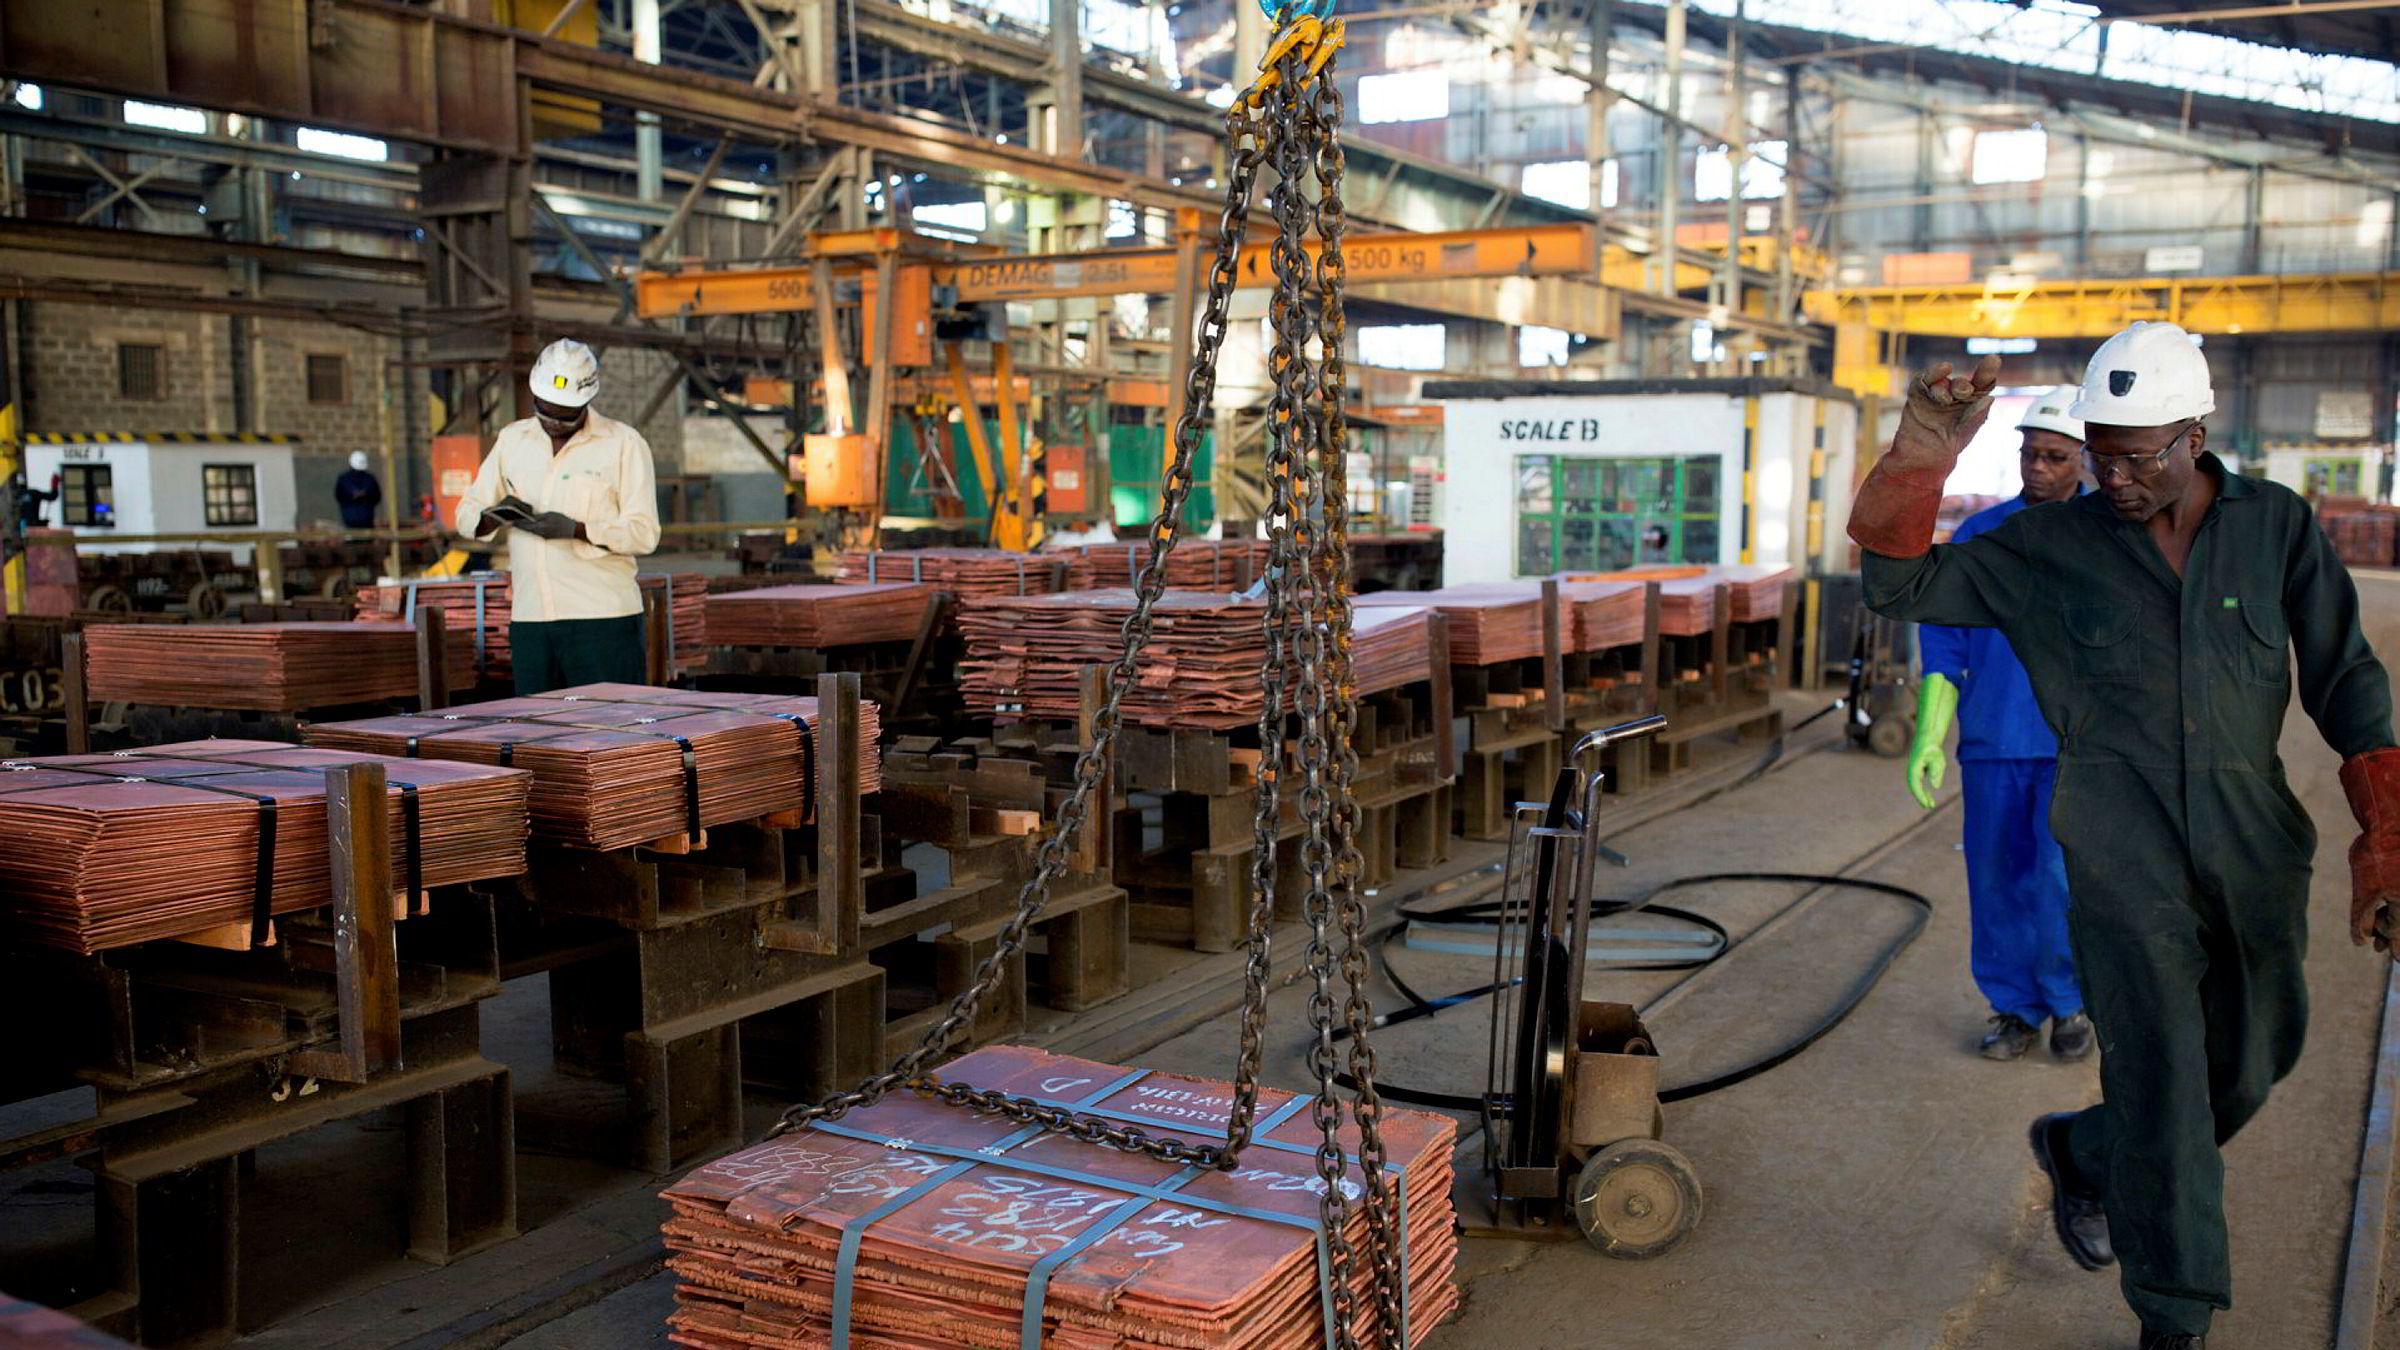 Brutto eksportinntekter fra gruvesektoren, som er relativt kostbar å drive i Zambia, har variert rundt seks-syv milliarder dollar årlig. Ingen har kunnet forklare hvordan to-tre og kanskje fire milliarder dollar kan forsvinne årlig fra en økonomi på denne størrelsen.